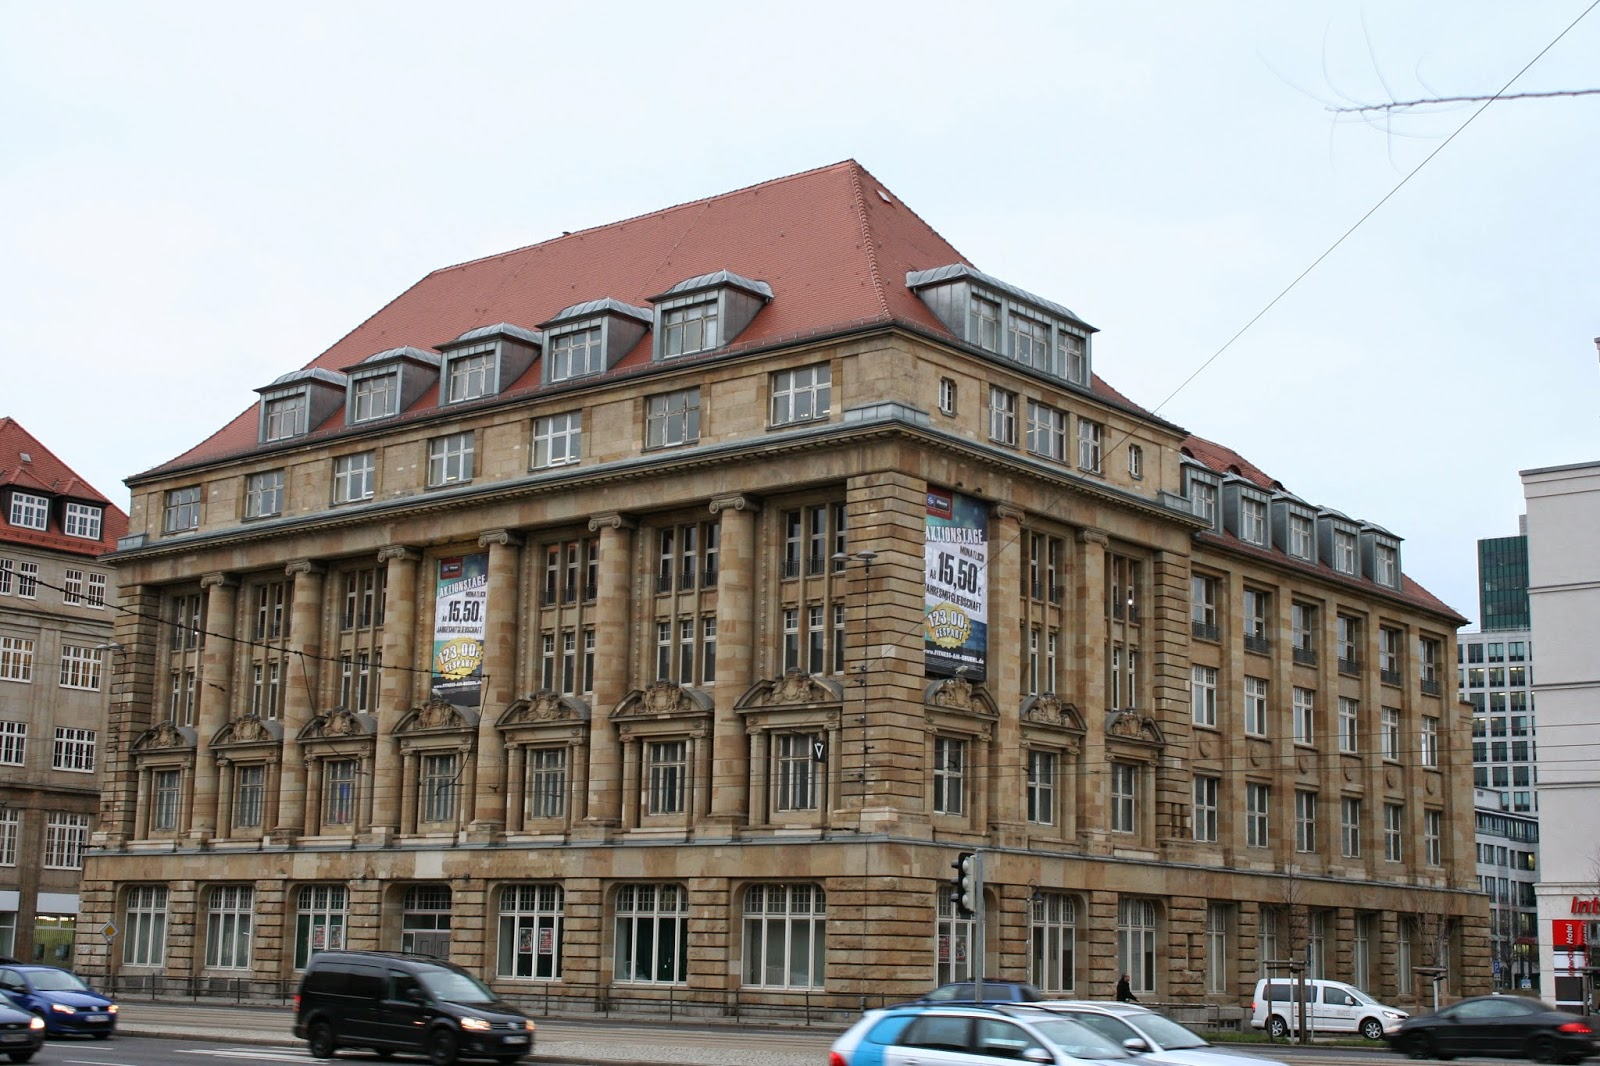 """Zu DDR Zeiten wurde das Haus als Genossenschaftsbank genutzt - kurz nach der deutschen Wiedervereinigung fand das Gebäude als """"Landratsamt Leipziger Land""""  Verwendung - nach einer Renovierung wurde dieses geschichtsträchtige Haus wieder zugänglich gemacht - momentan befindet sich neben einem Fitnessclub eine Eventlocation im Alten Landratsamt"""